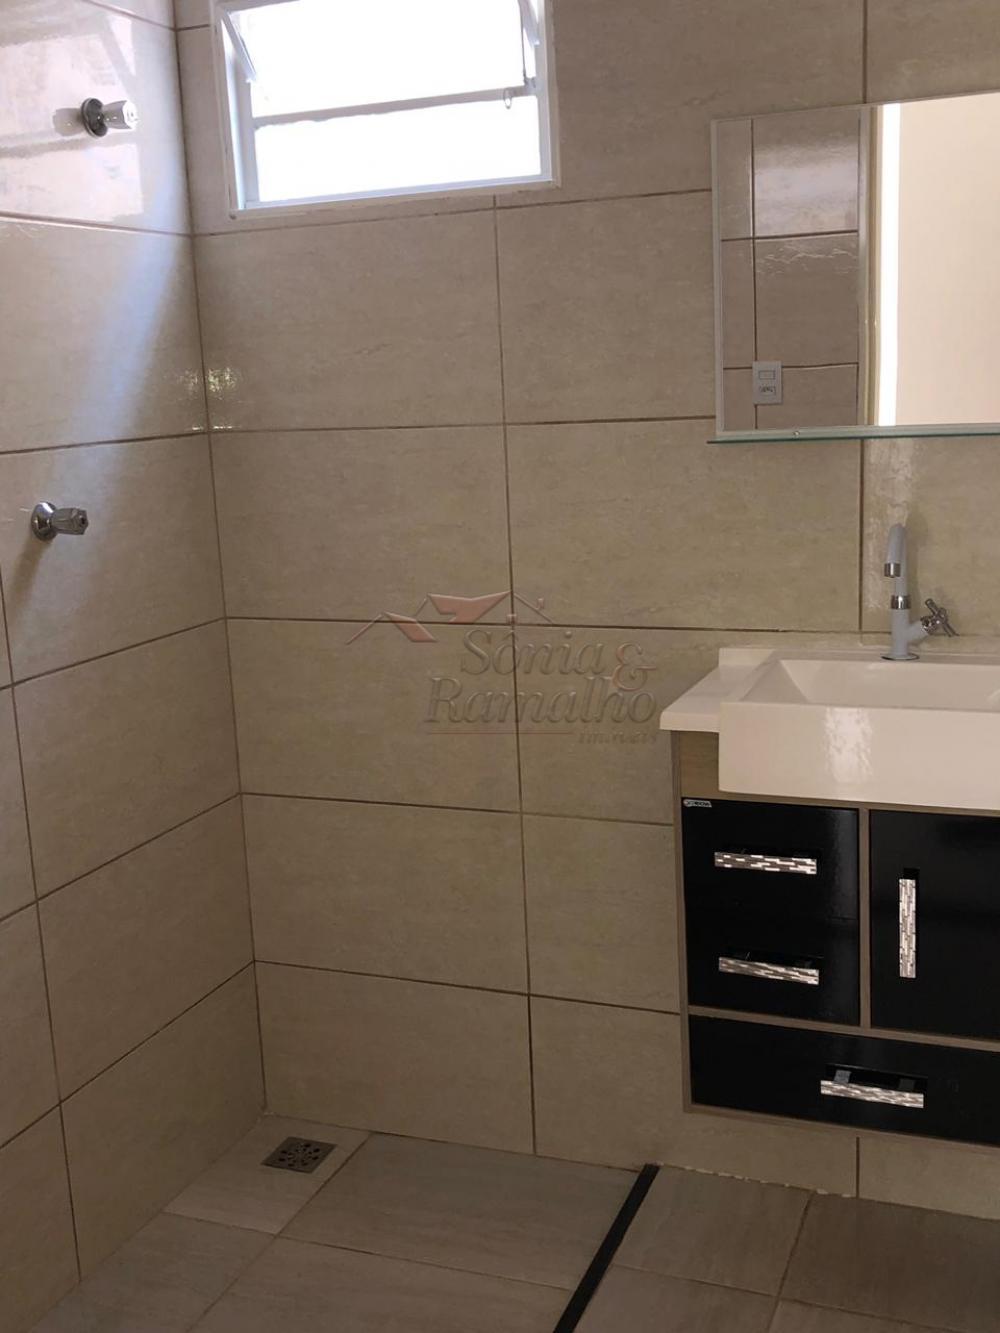 Comprar Casas / Padrão em Ribeirão Preto apenas R$ 175.000,00 - Foto 15